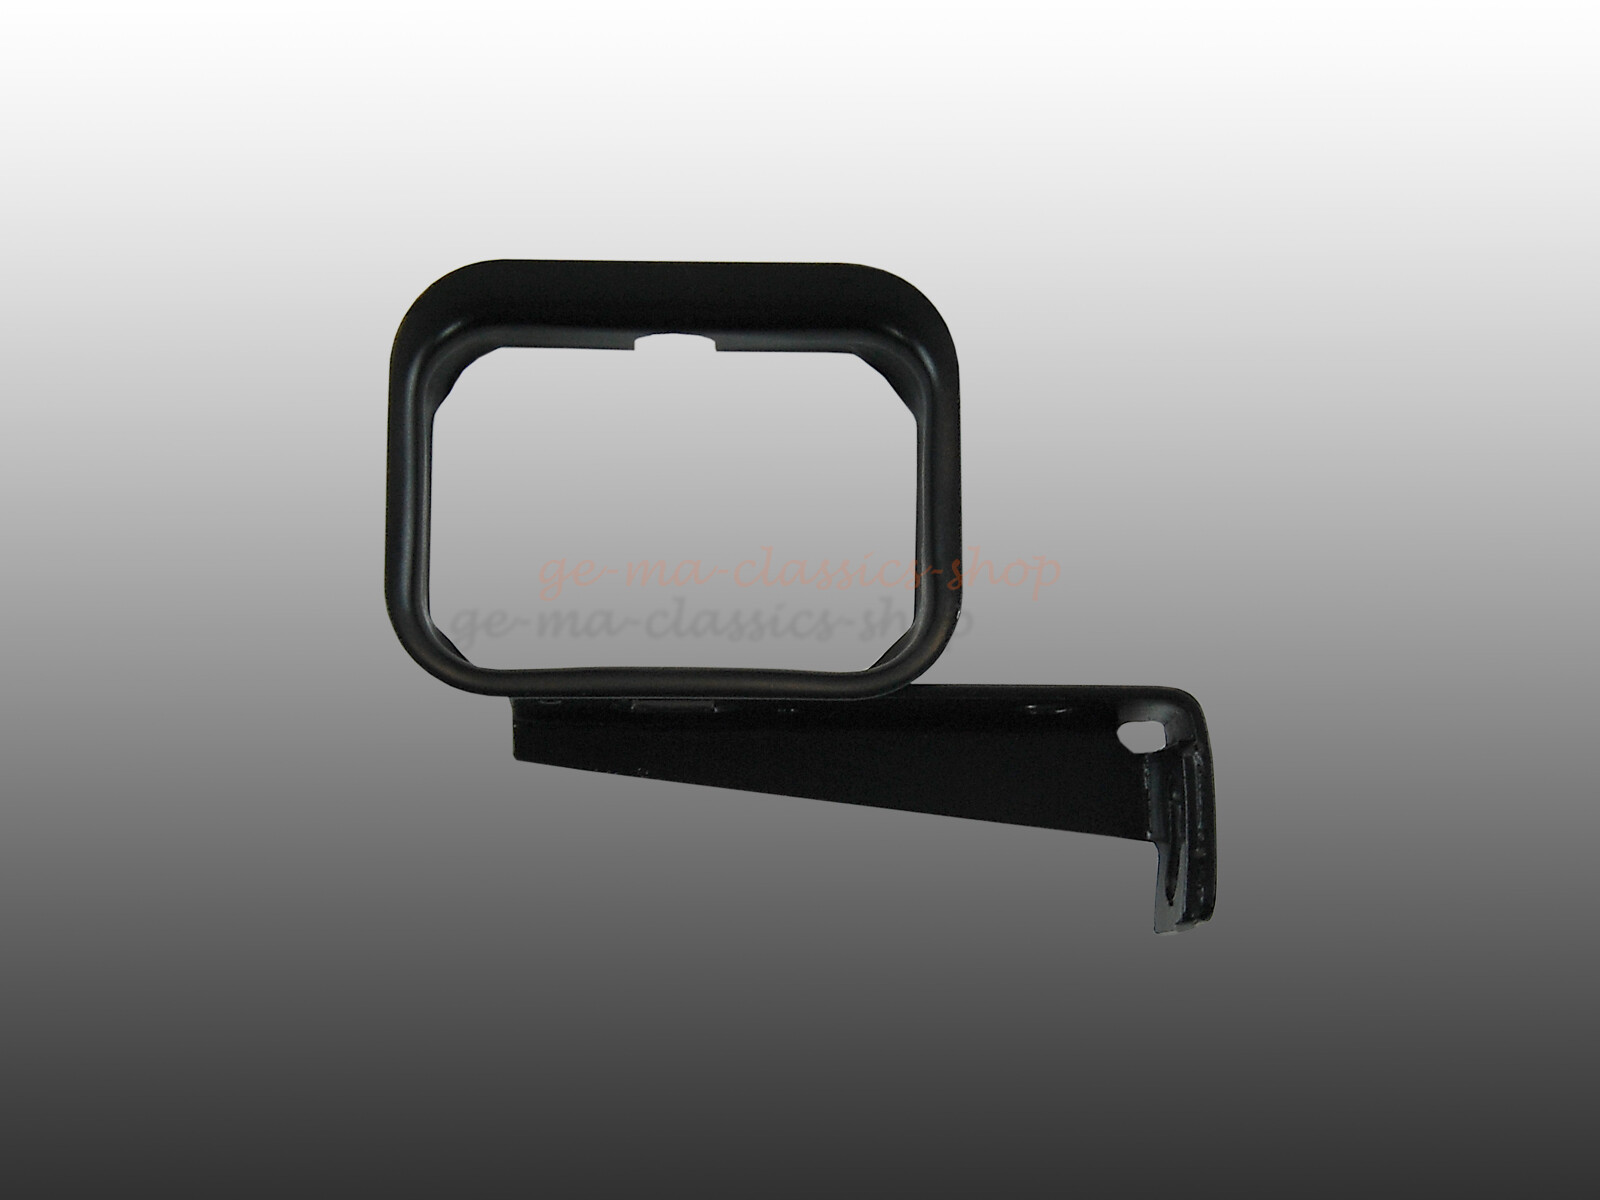 Halter Thermostat für VW Typ1 1200-1600 pulverbeschichtet schwarz